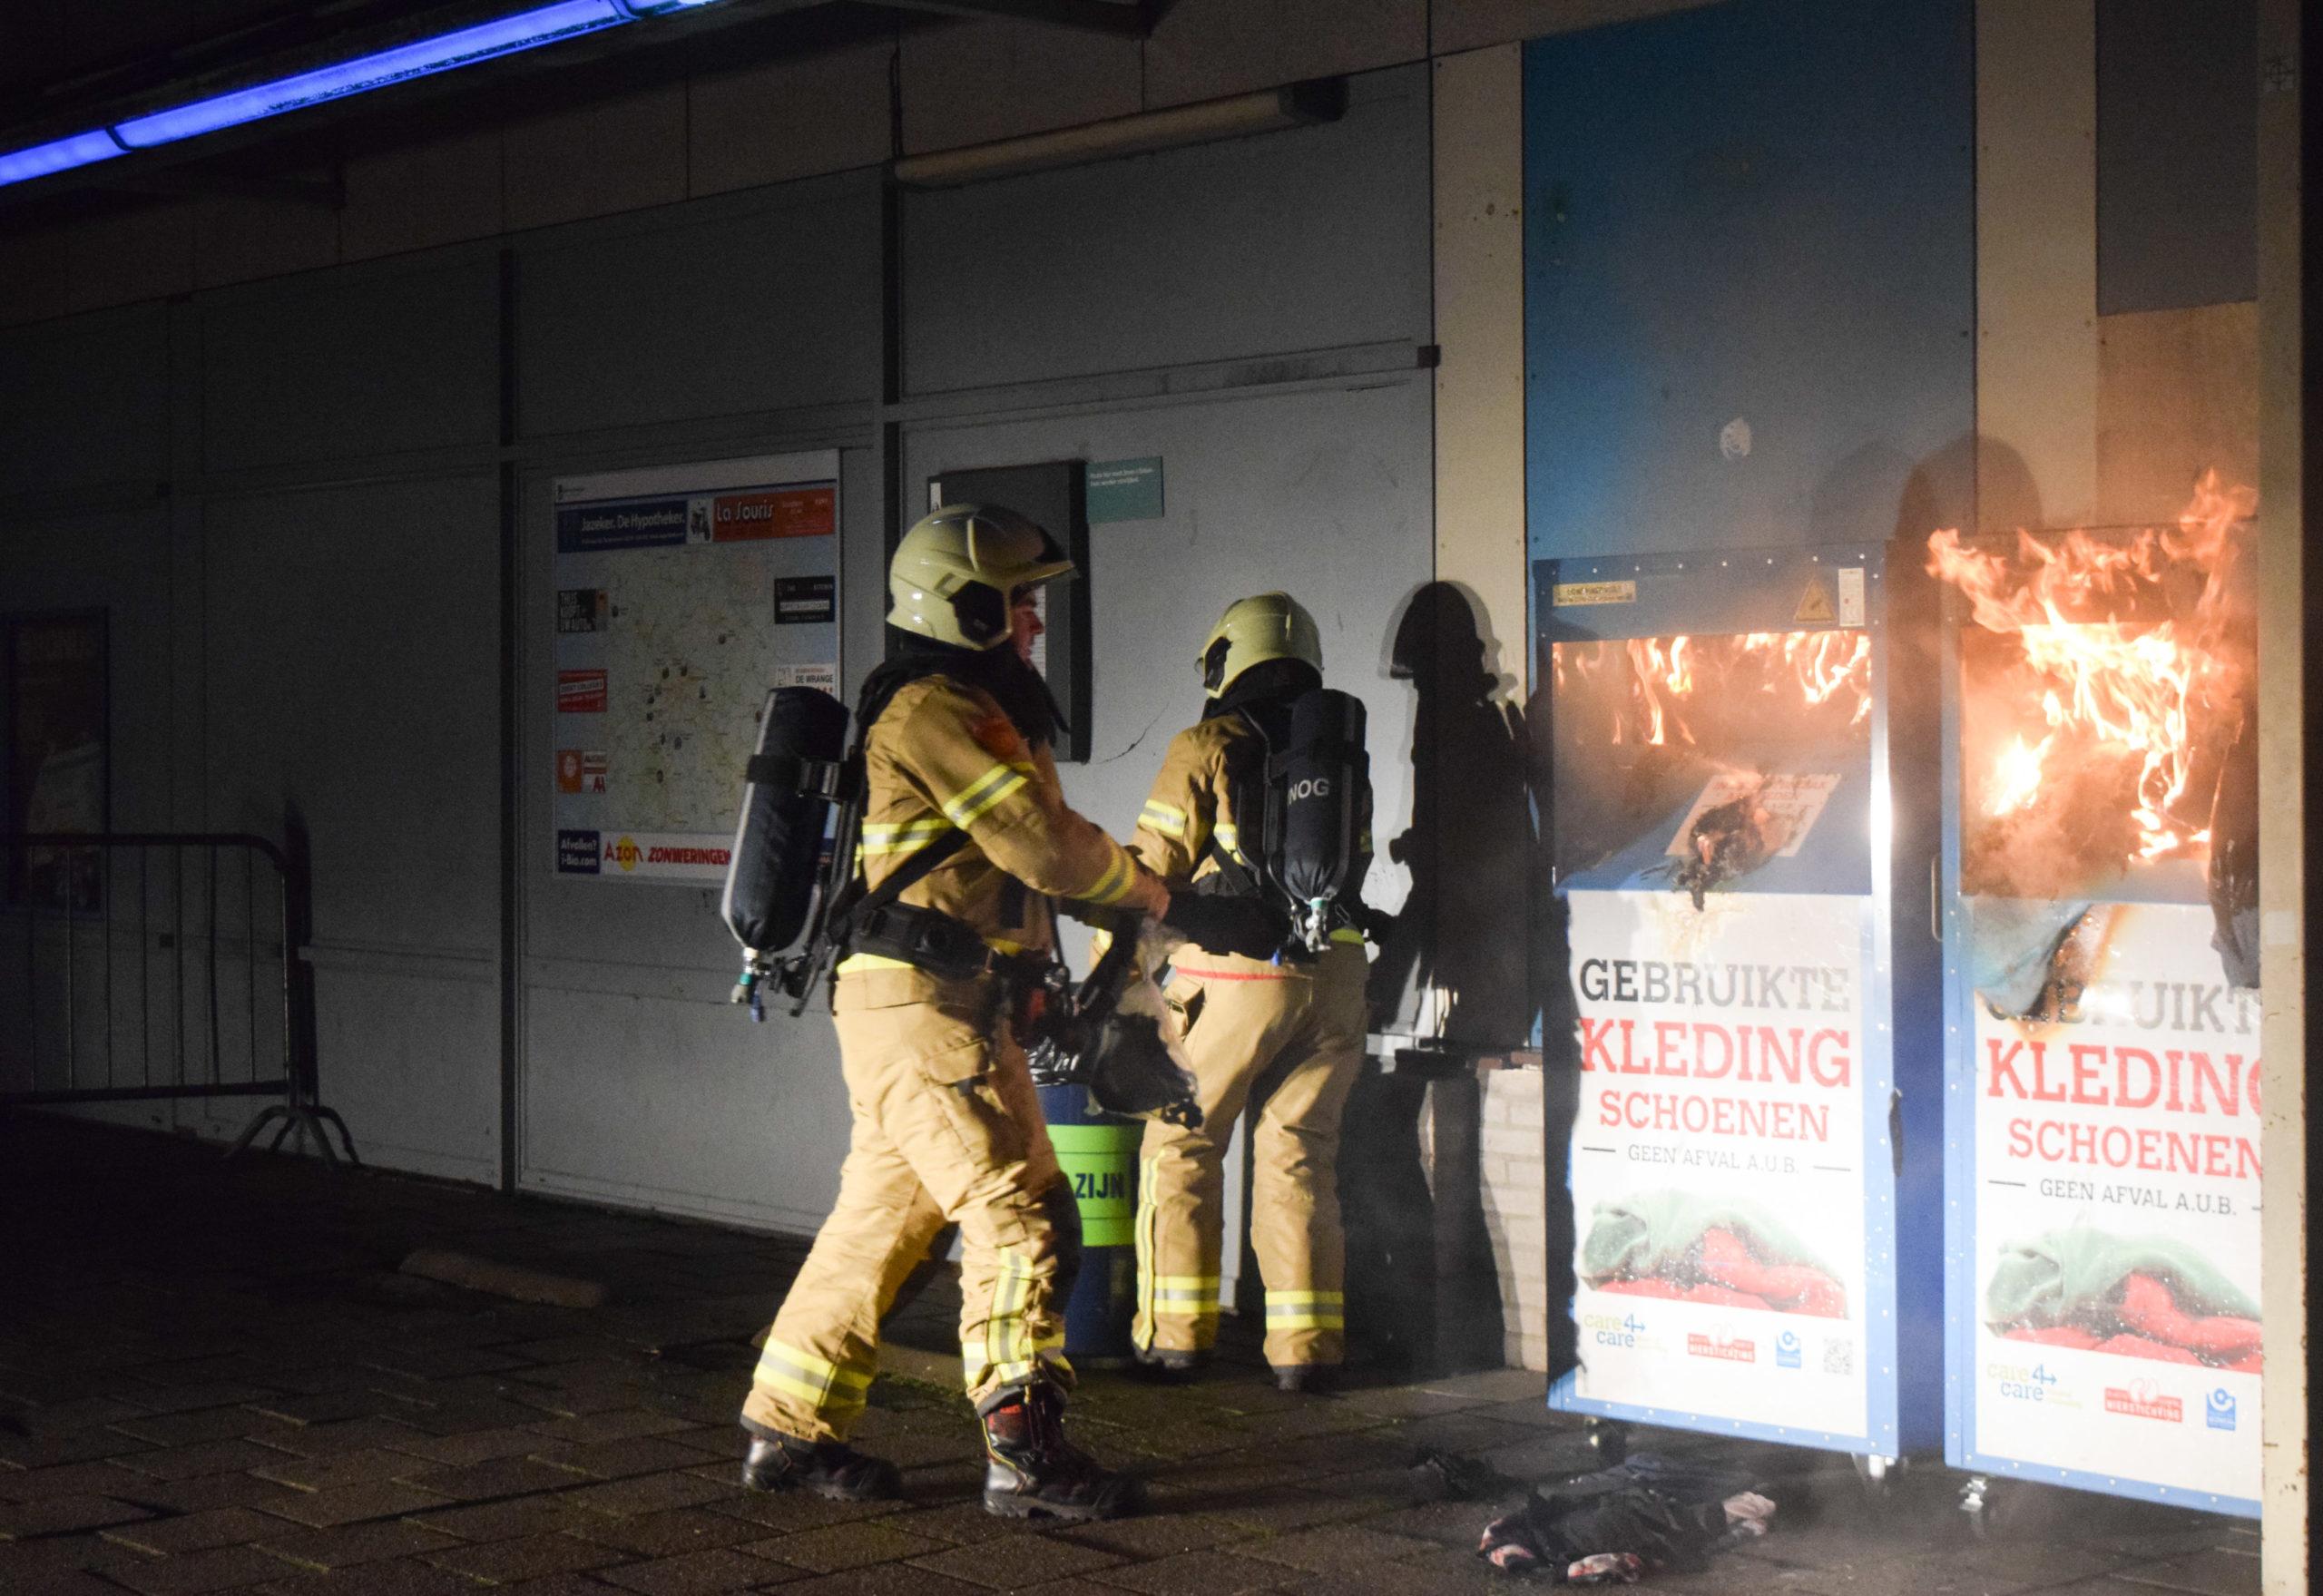 Vuurwerkschade in de regio; Doetinchem koploper qua schade aan containers, skatepark en verkeersborden